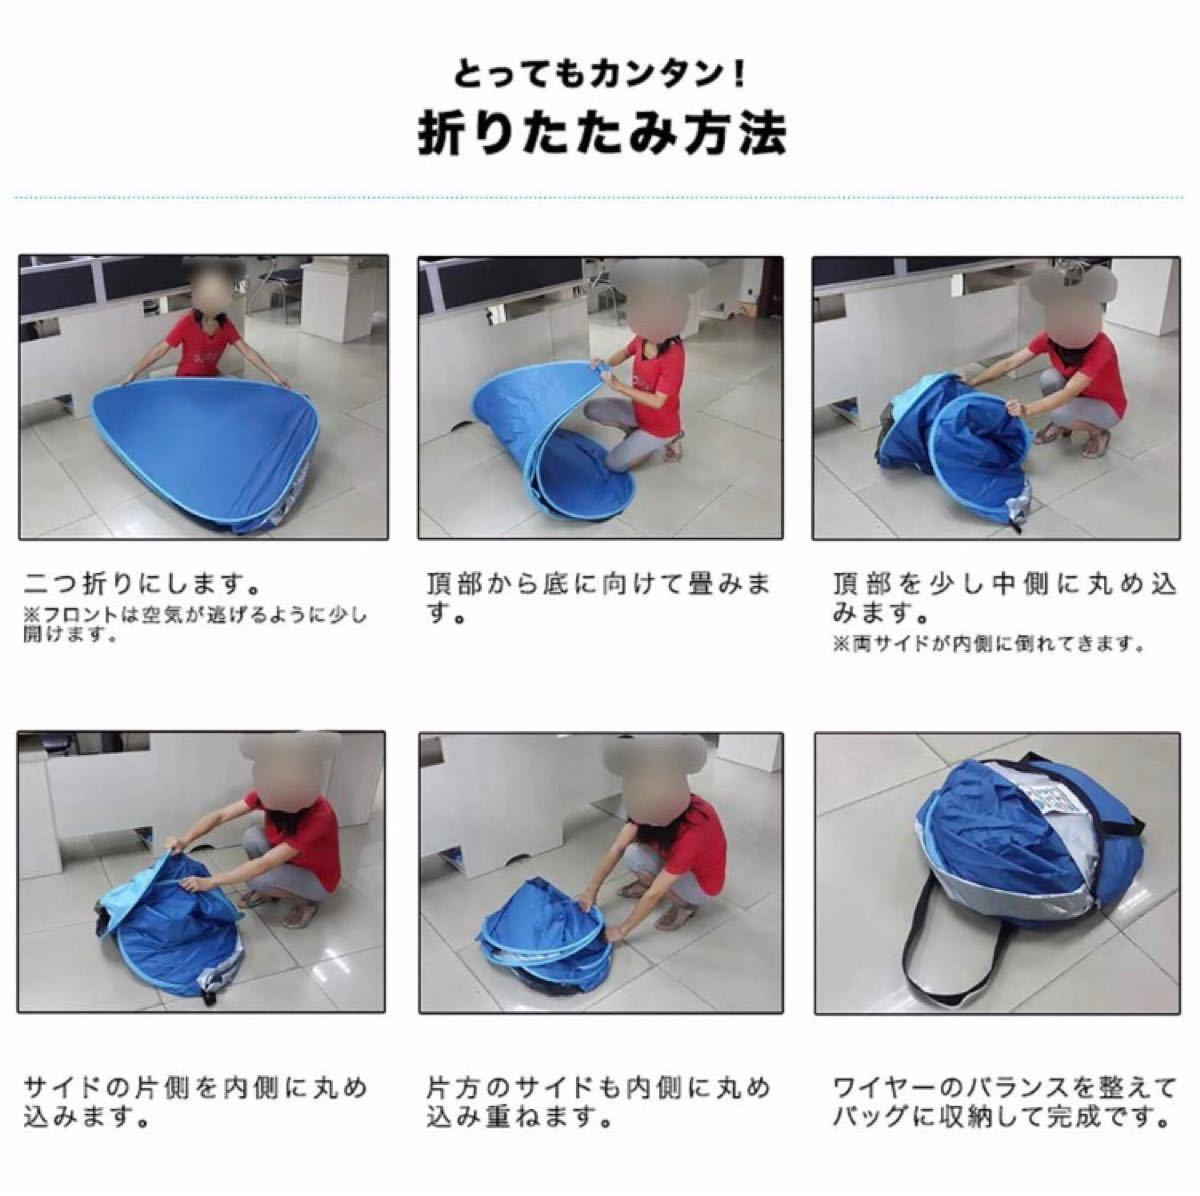 ★新品未使用★サンシェードテント ワンタッチテント